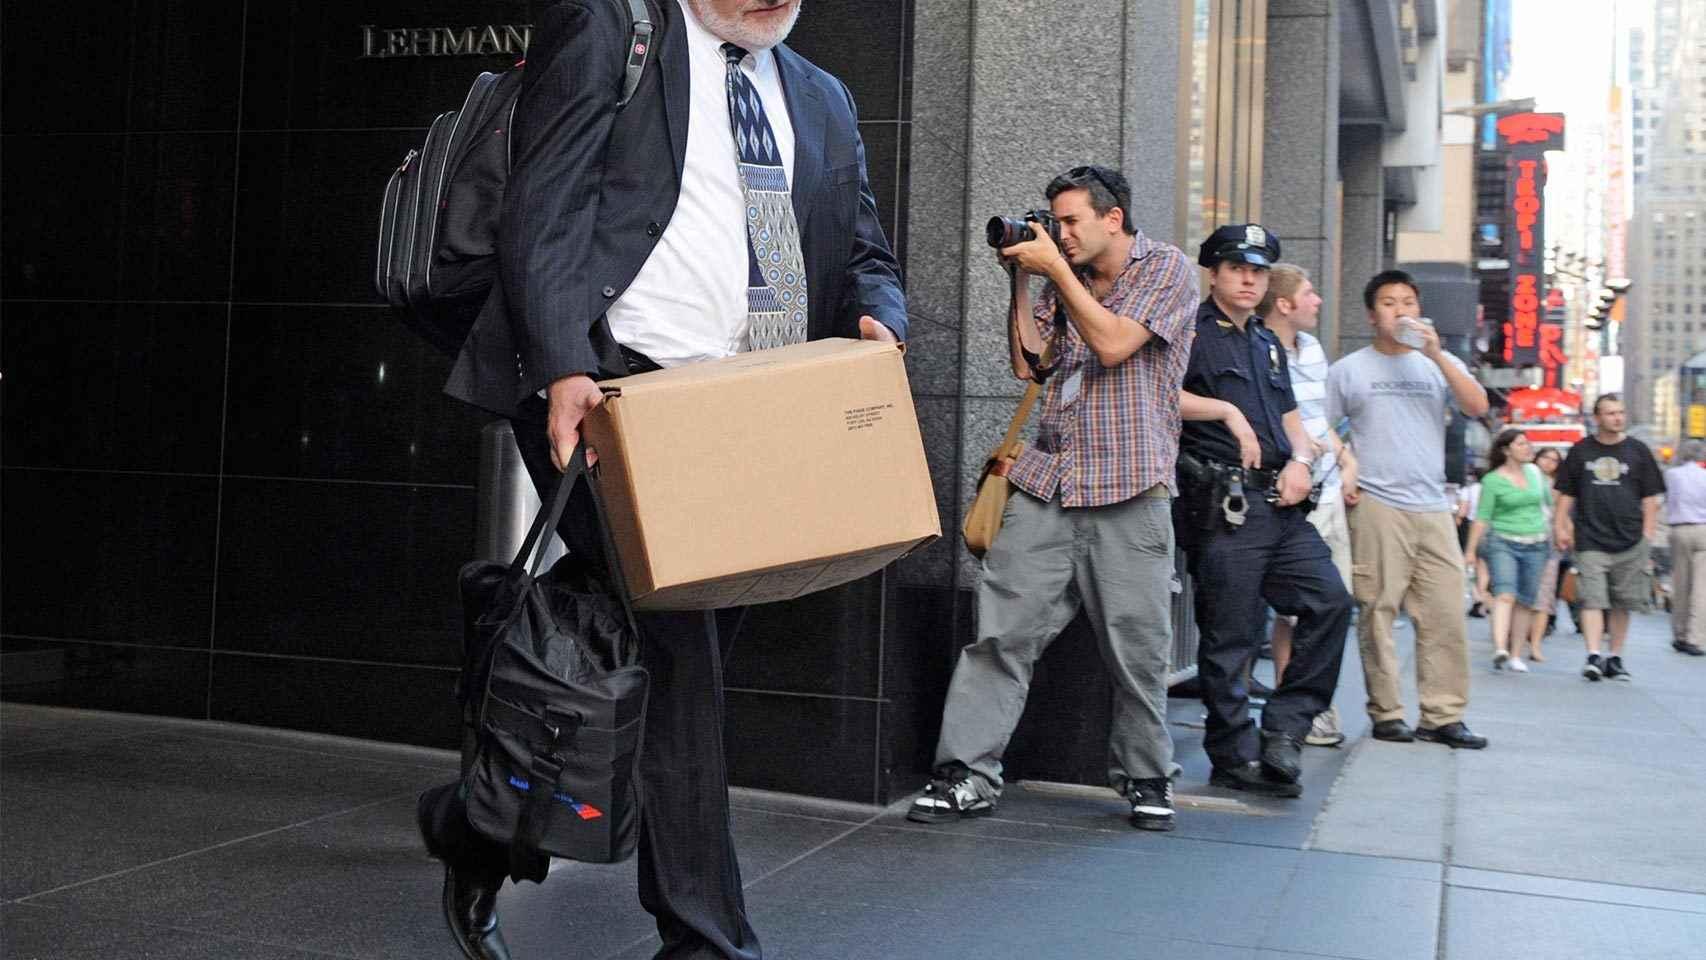 Un trabajador saliendo de Lehman Brothers tras la quiebra.